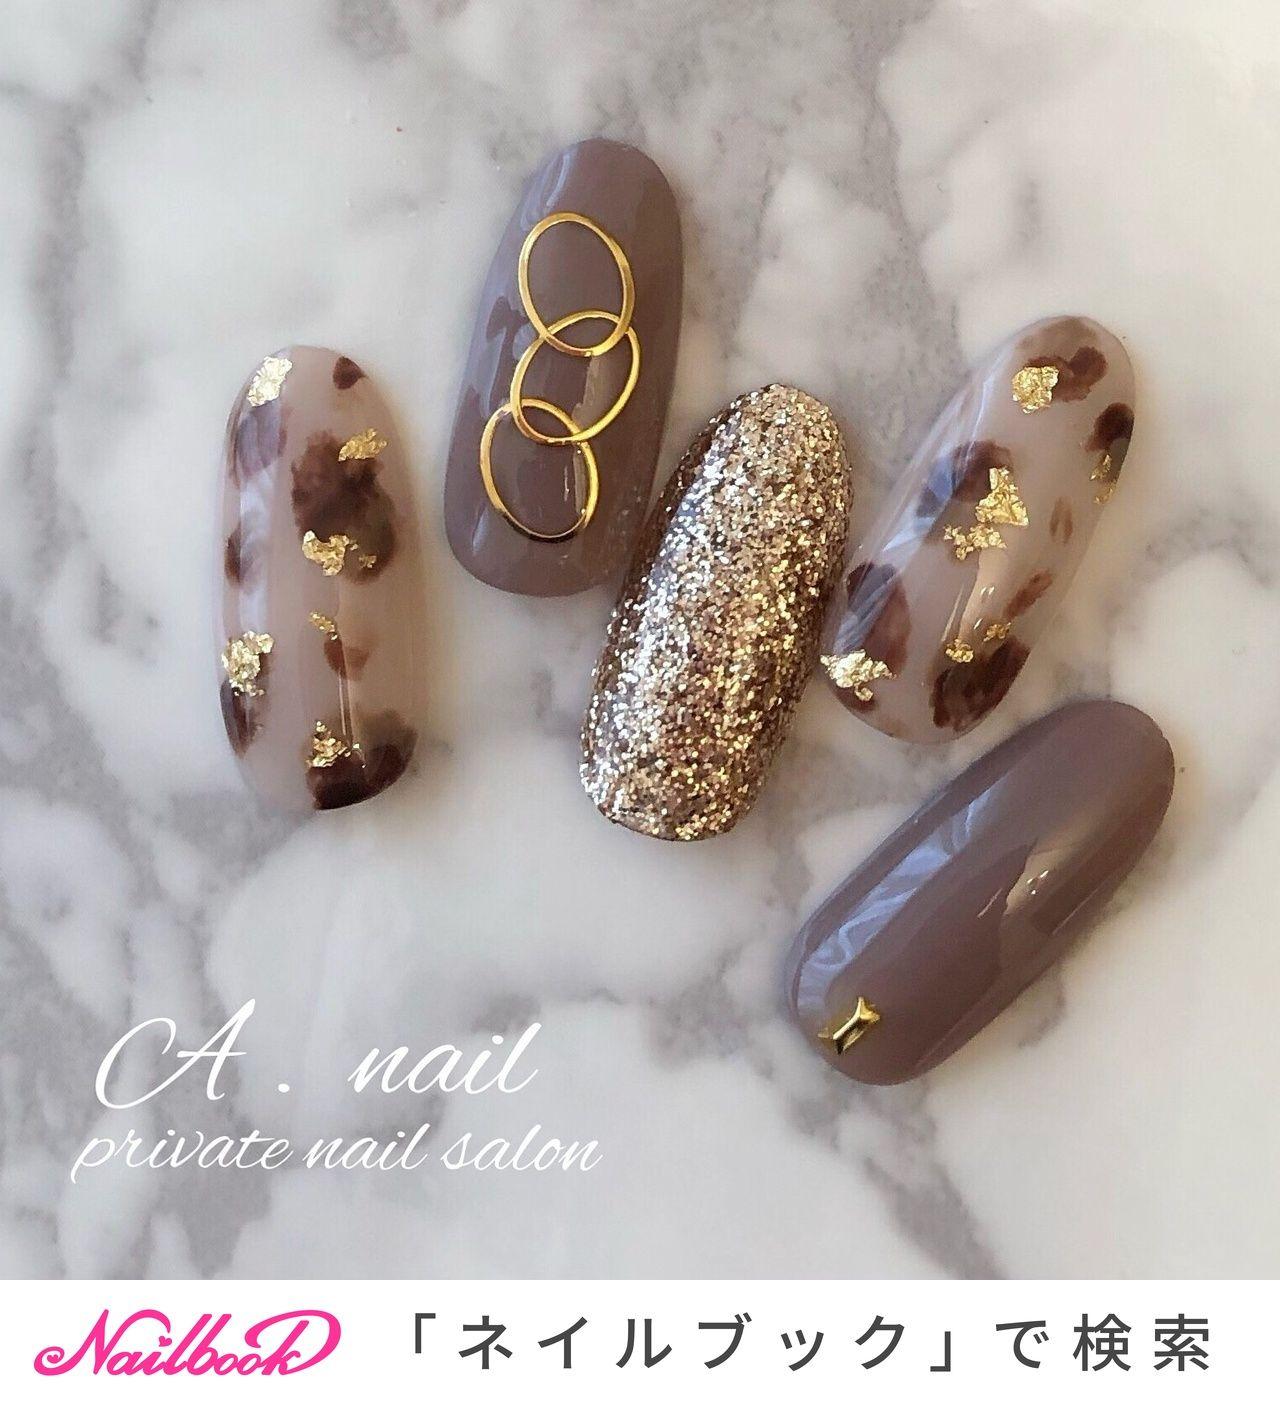 秋/オールシーズン/ハンド/ラメ/アニマル柄 – A . nail ~private nailsalon ~のネイルデザイン[No.4561031]|ネイルブック